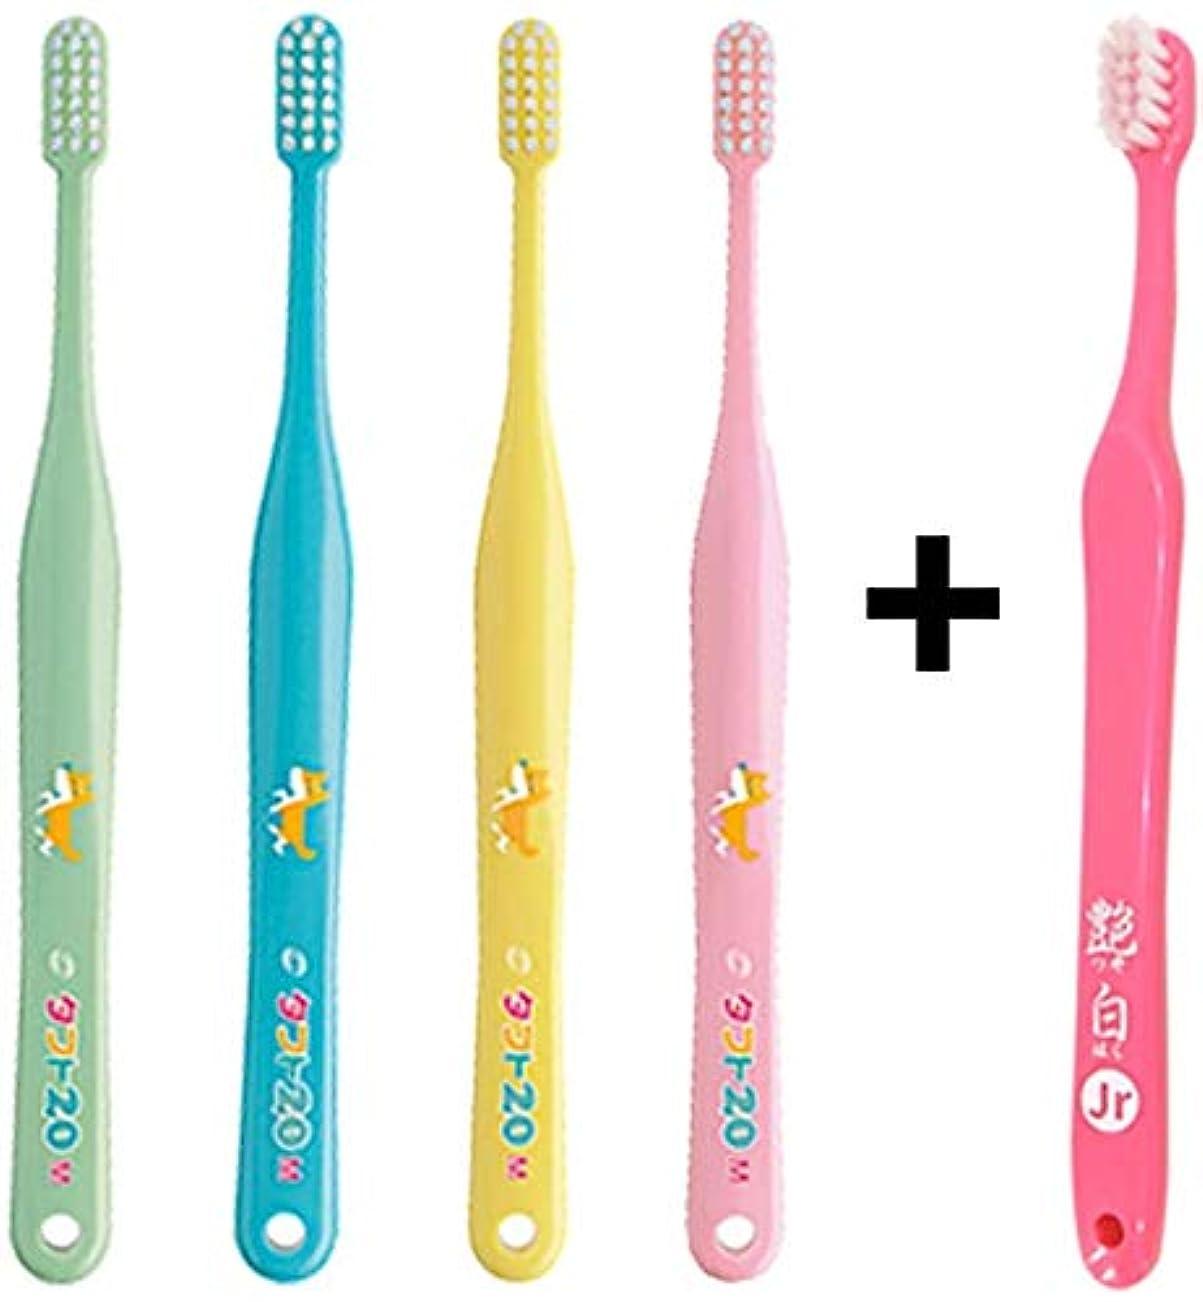 ビヨン面倒離れたタフト20 M(ふつう) こども 歯ブラシ×10本 + 艶白(つやはく) Jr ジュニア ハブラシ×1本 MS(やややわらかめ) 日本製 歯科専売品